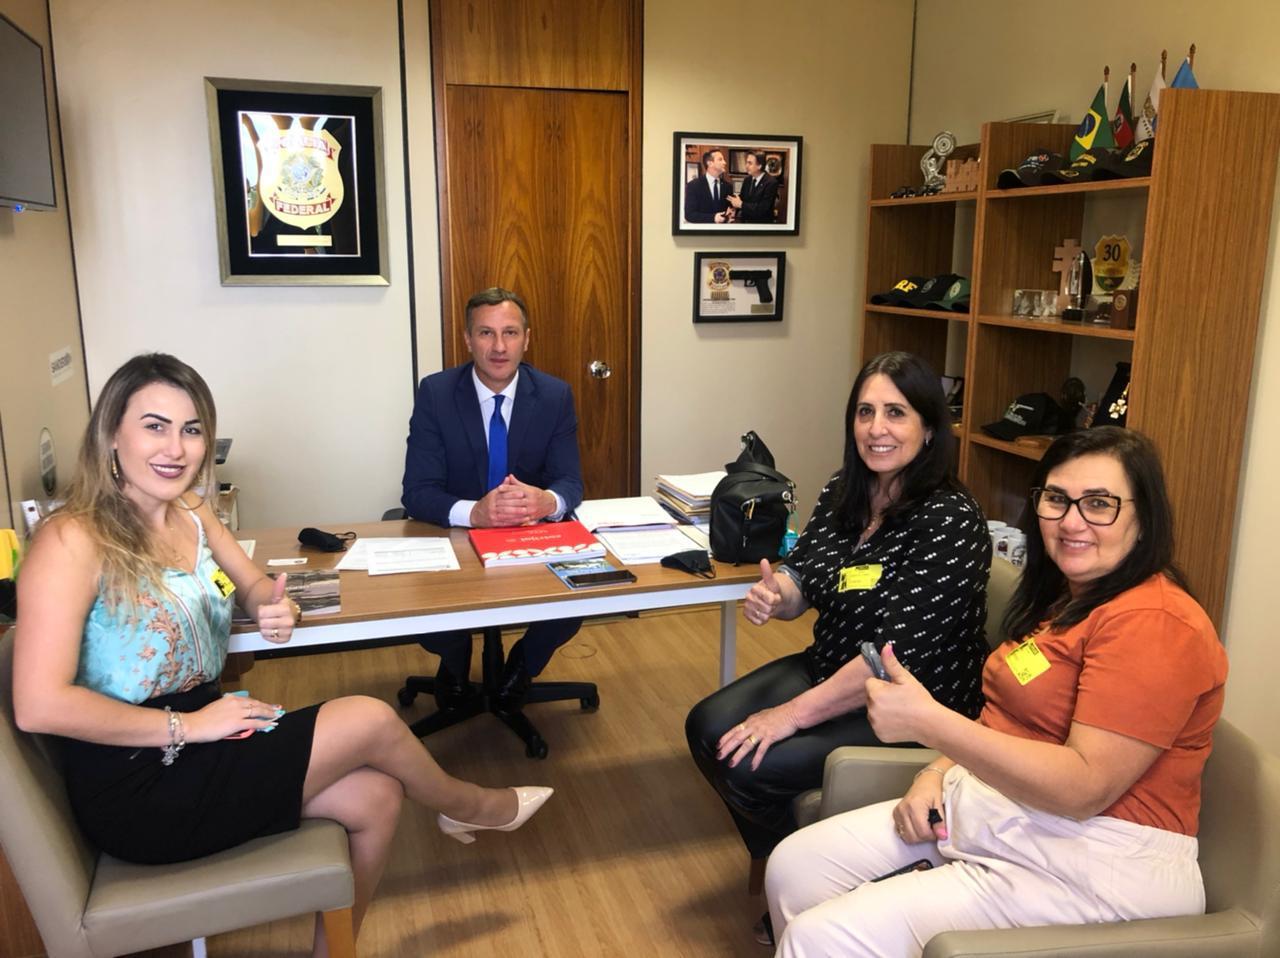 Em Brasília, deputado federal Sanderson recebe Grupo Ceres e destaca temas de interesse da comunidade